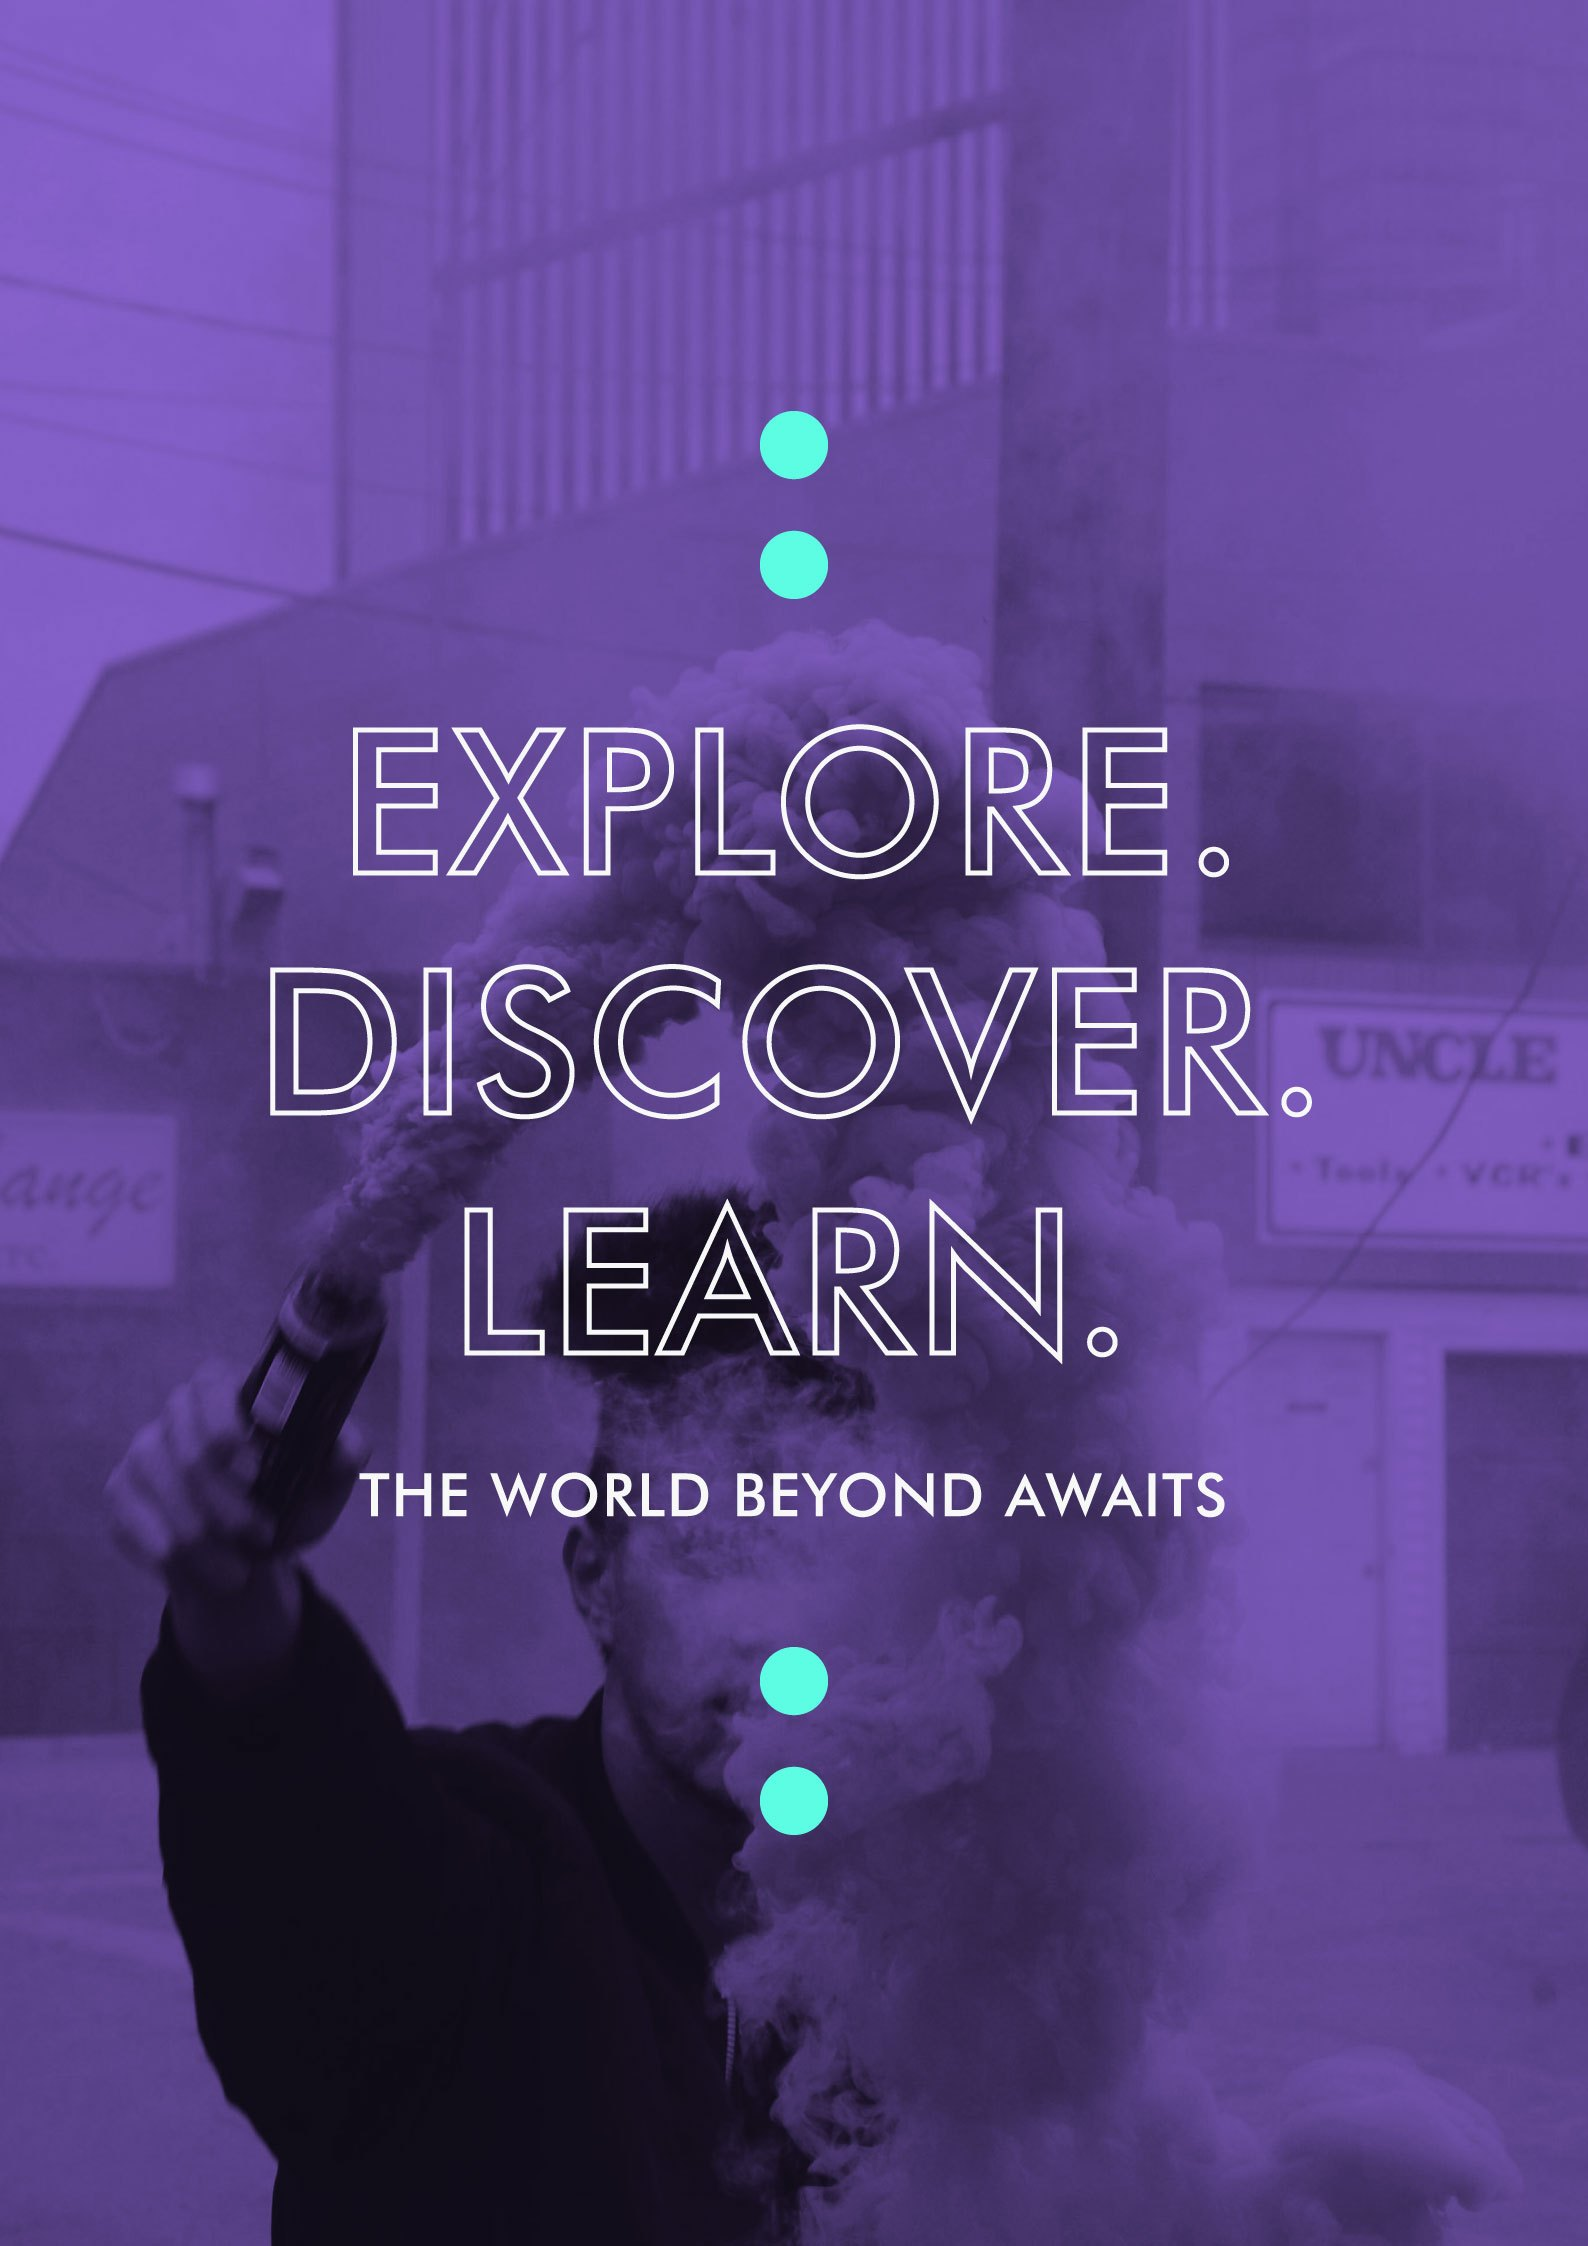 创意宣传单设计分享 用色大胆的宣传单助你脱颖而出